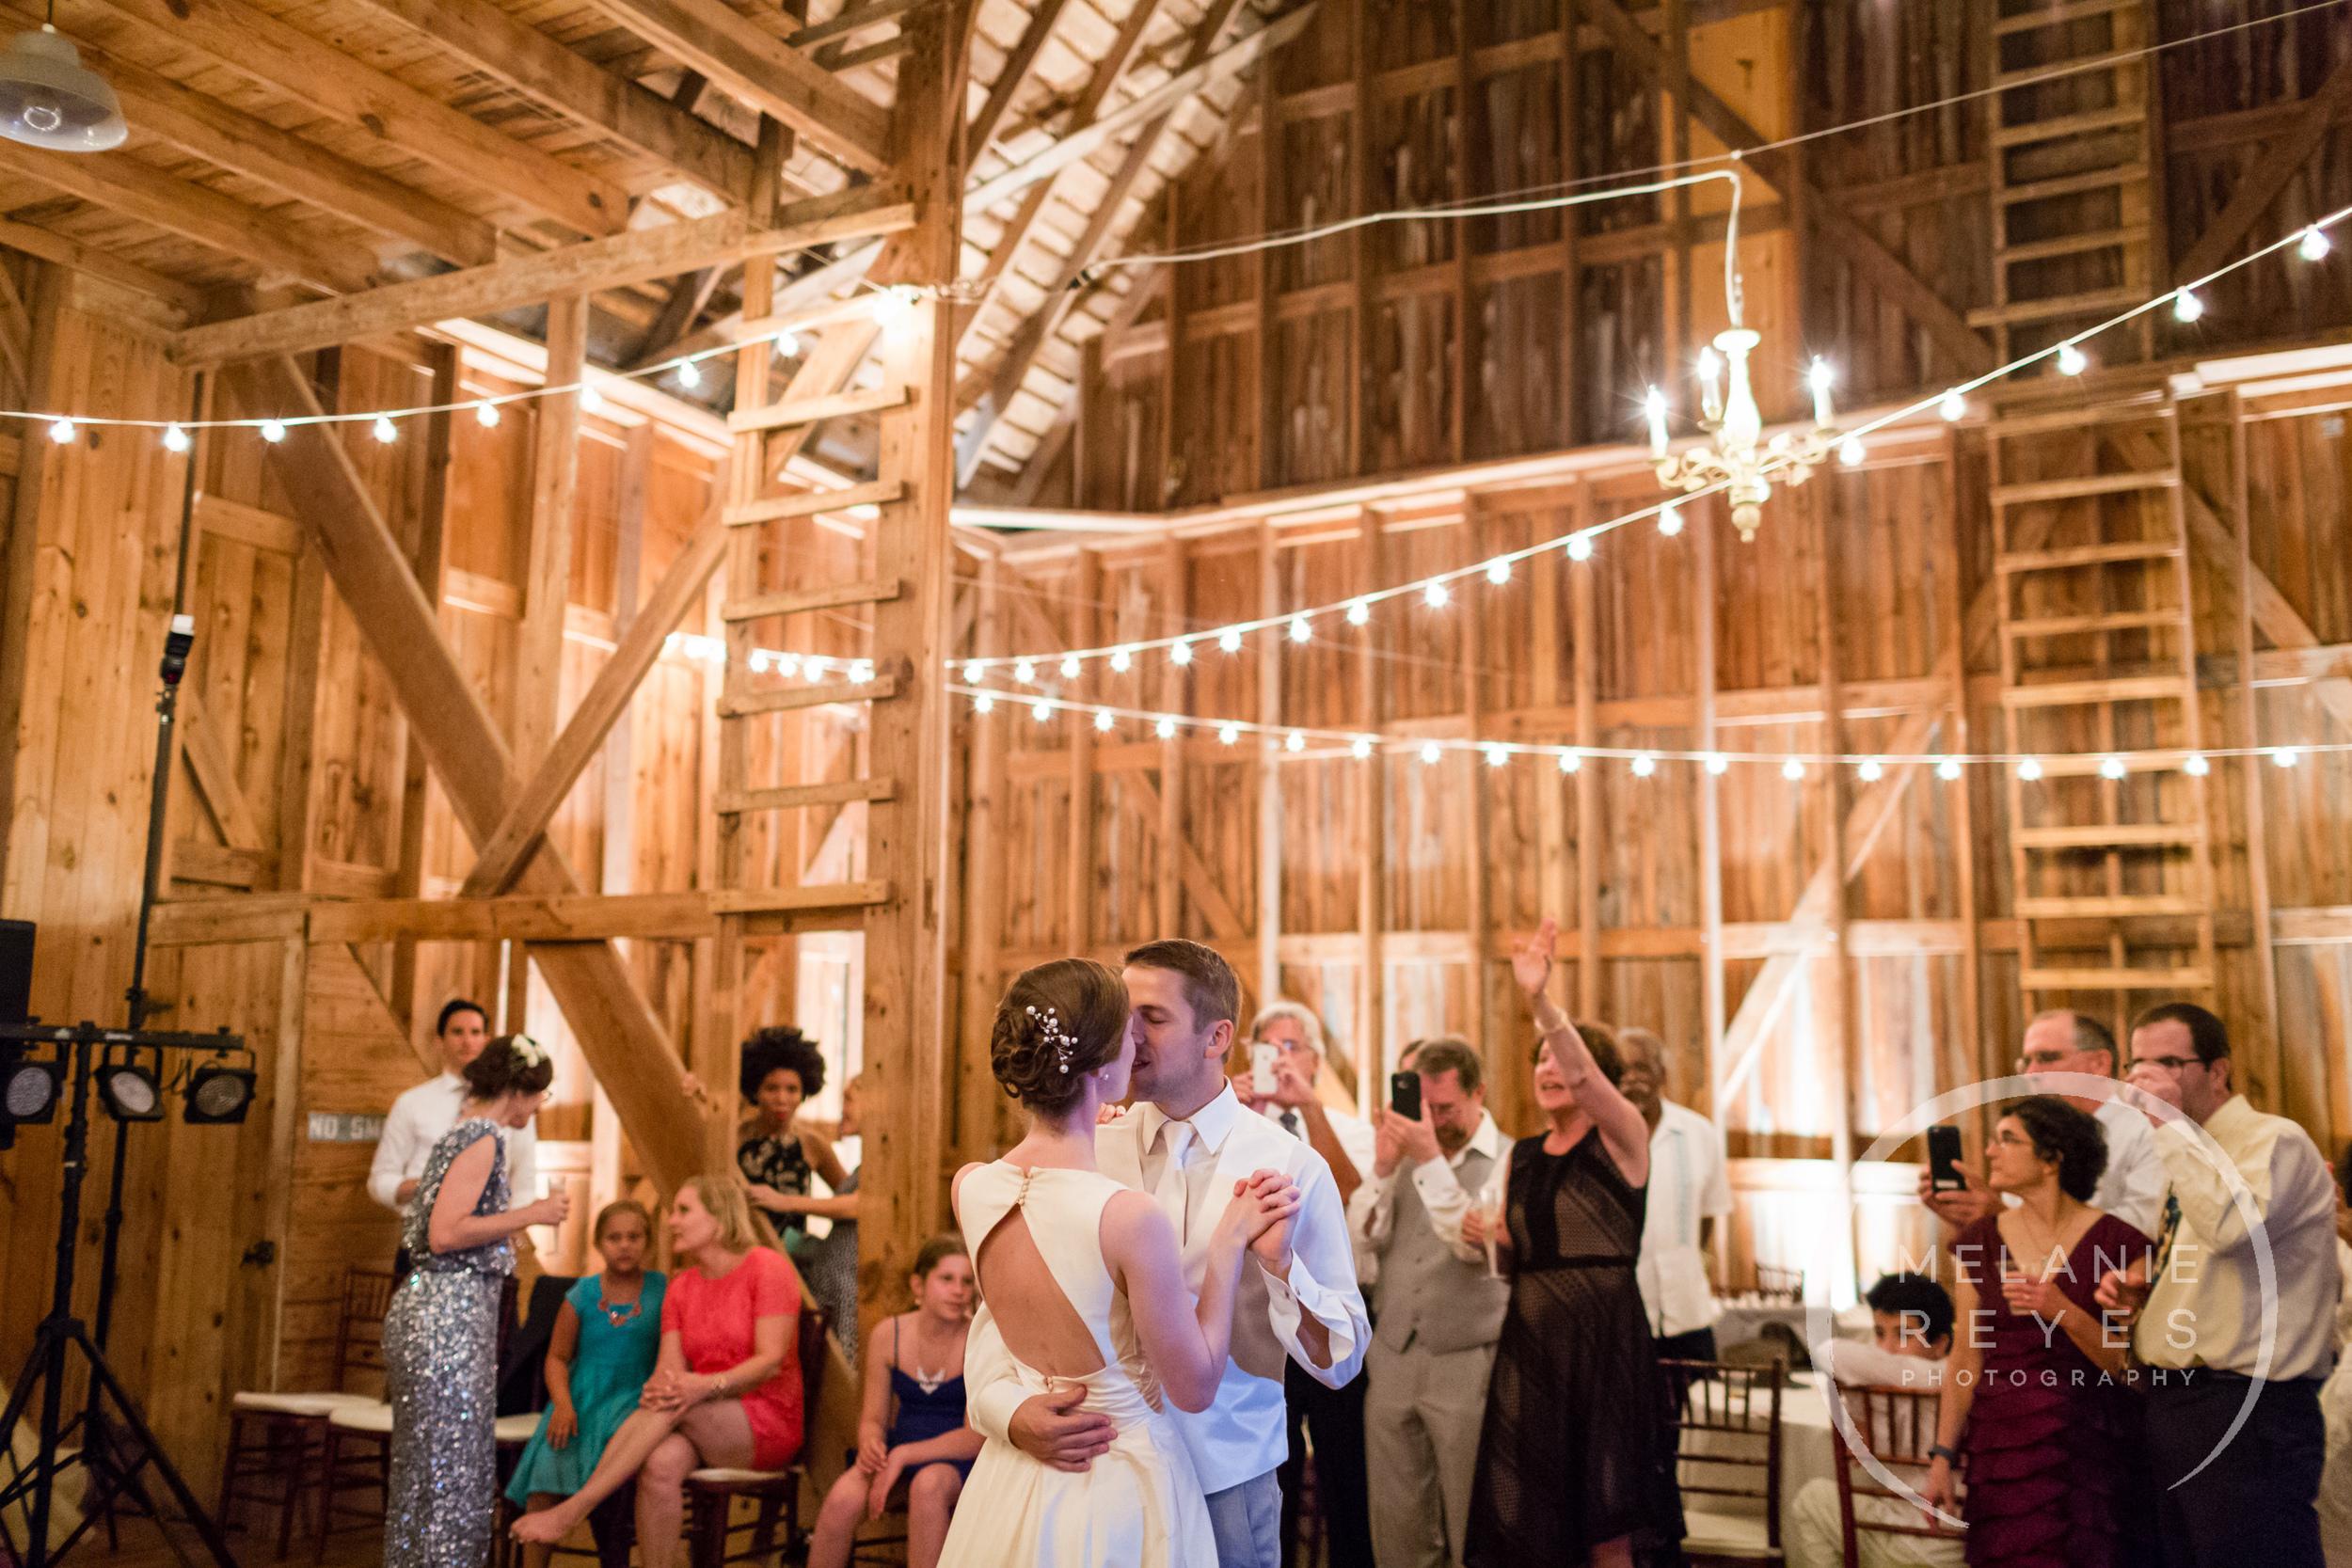 084_farm_wedding_melanie_reyes.JPG